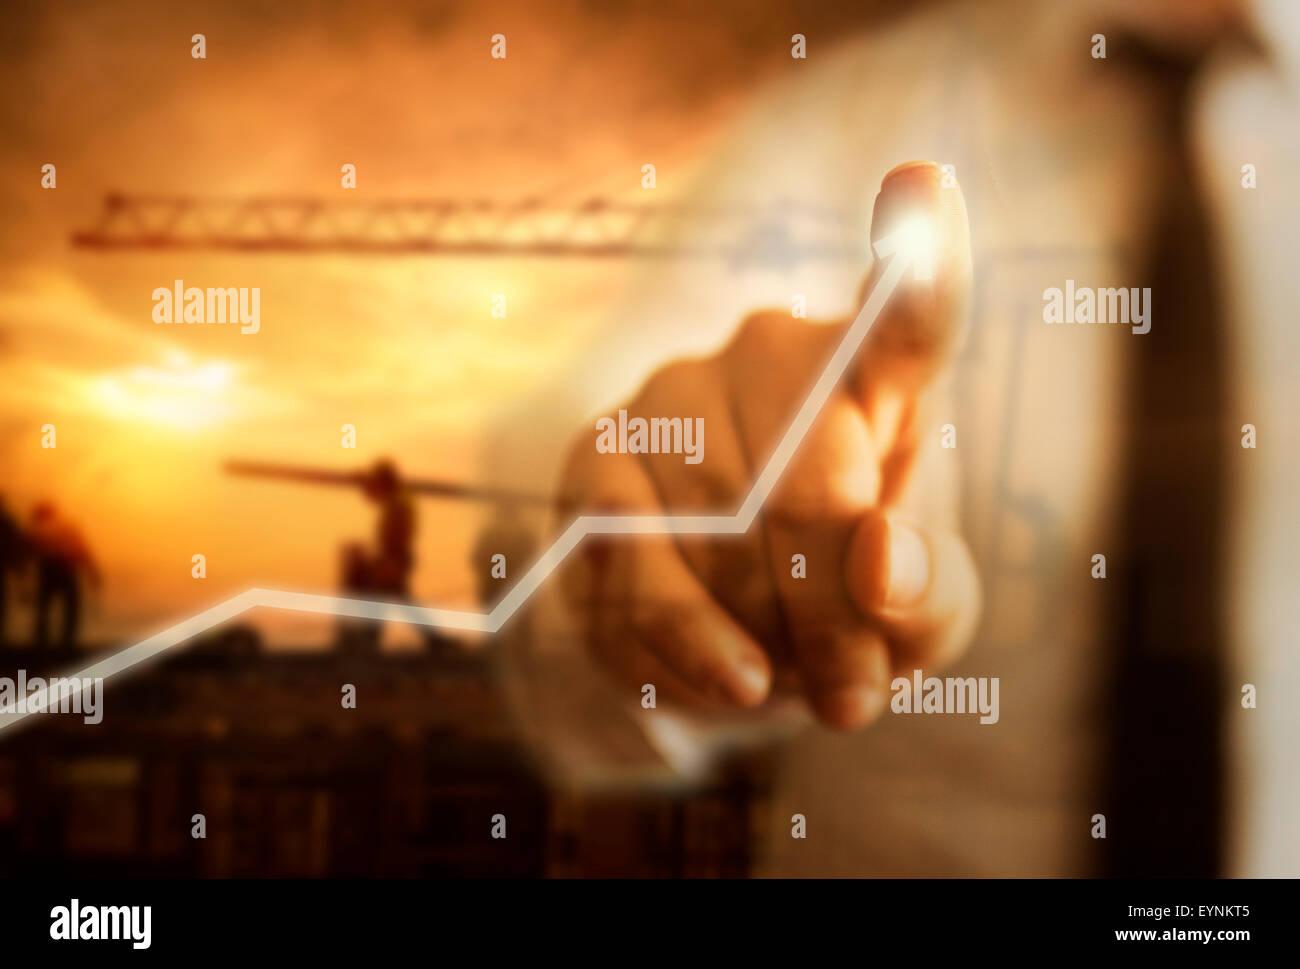 La crescita aziendale Concept Immagini Stock